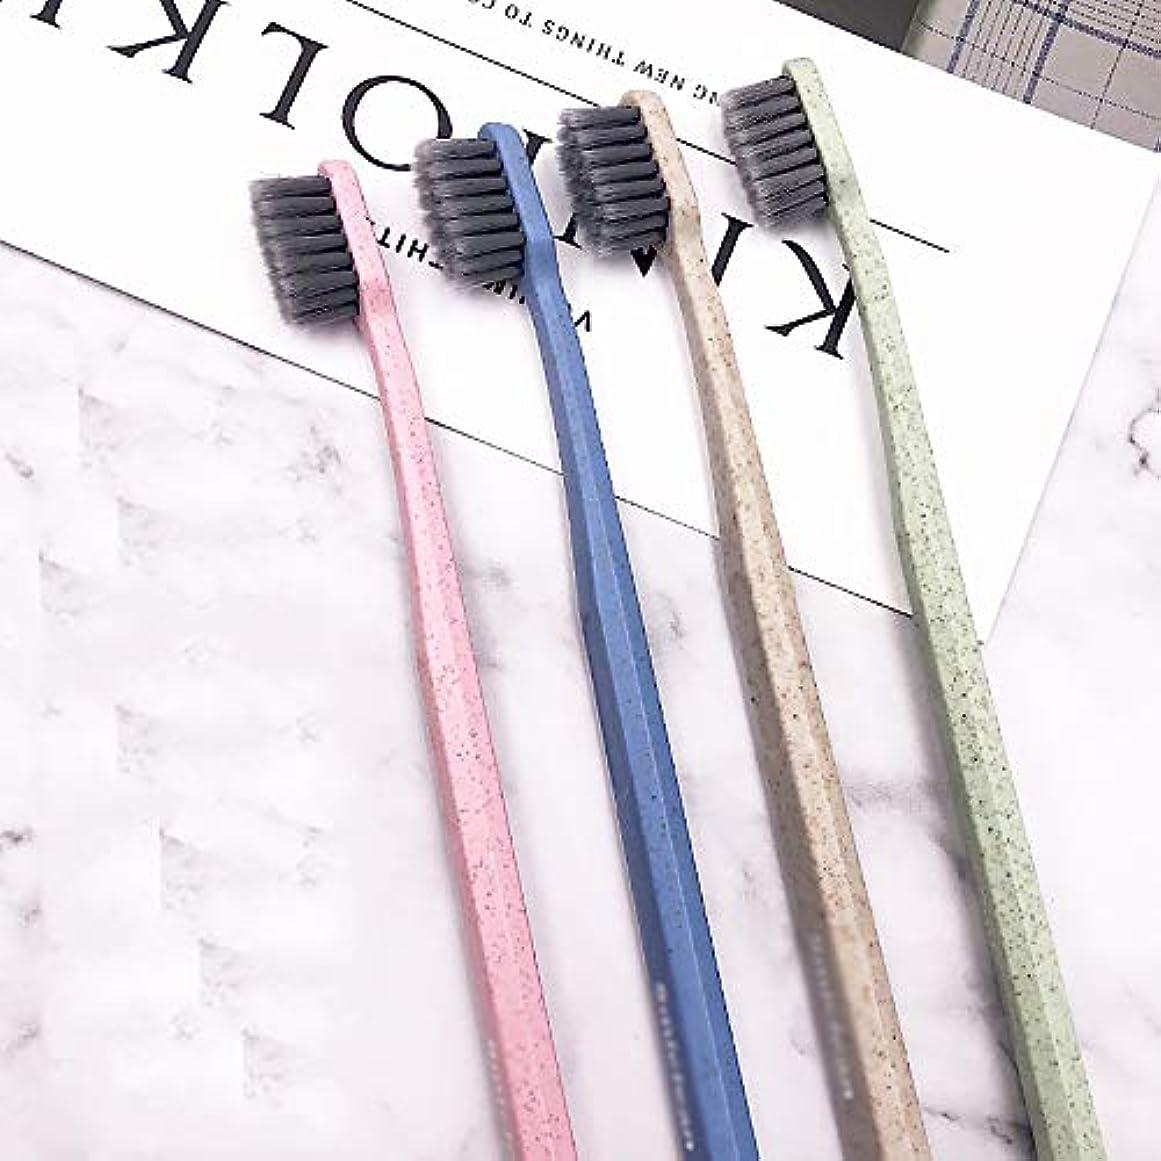 隔離するさておき何もない歯ブラシ 8竹炭歯ブラシ、大人のためのソフト歯ブラシ、美容アクセサリー - 使用可能なスタイルの3種類 HL (色 : B, サイズ : 8 packs)